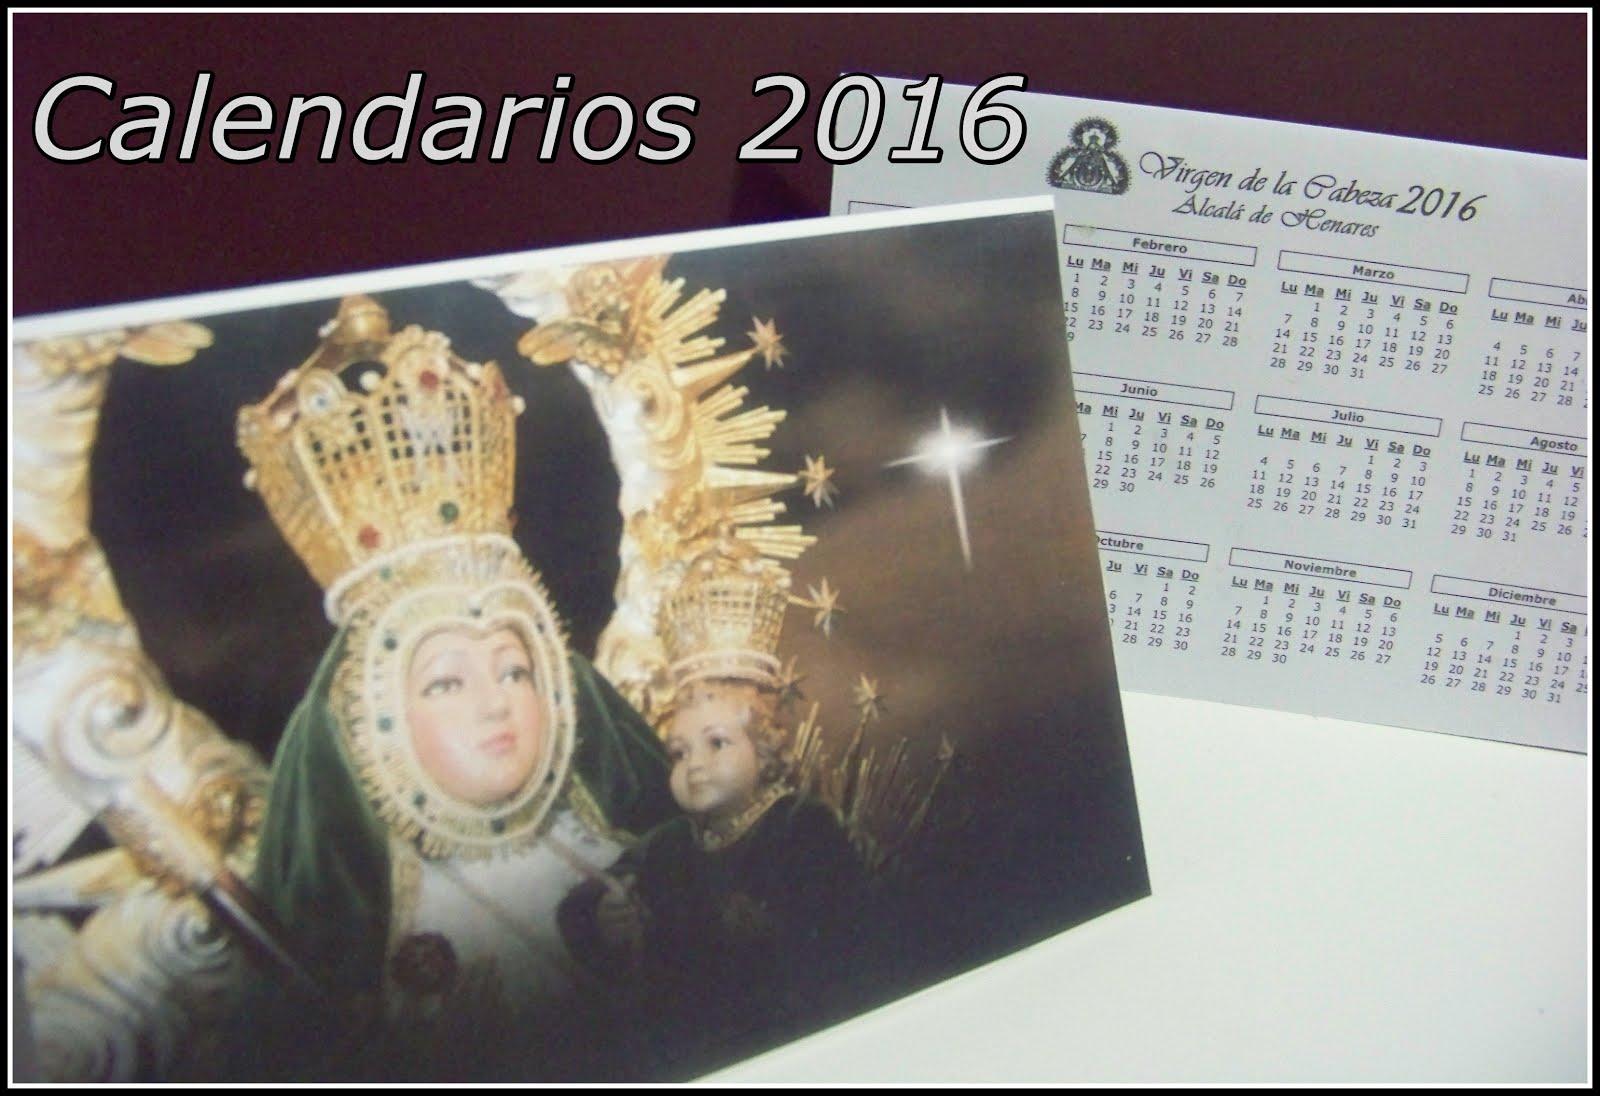 Calendarios Solidarios 2016